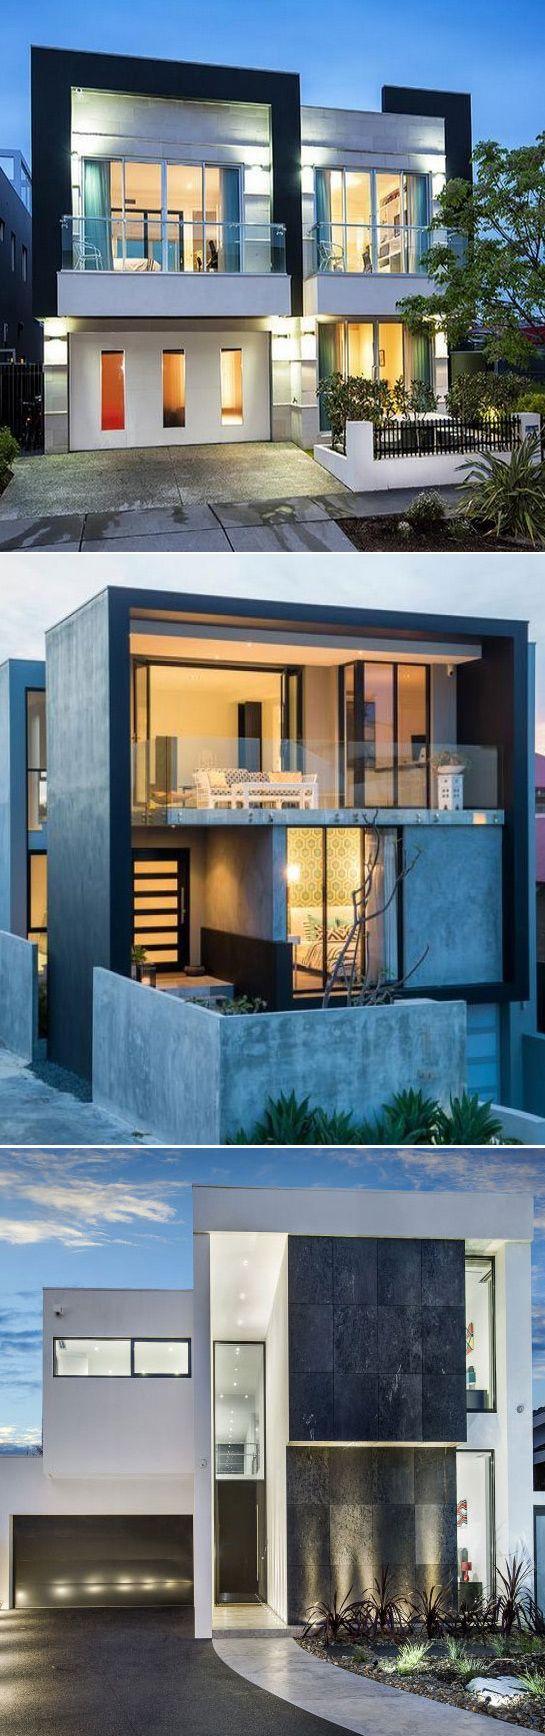 House Designs / TechNews24h.com | Architecture | Pinterest ...